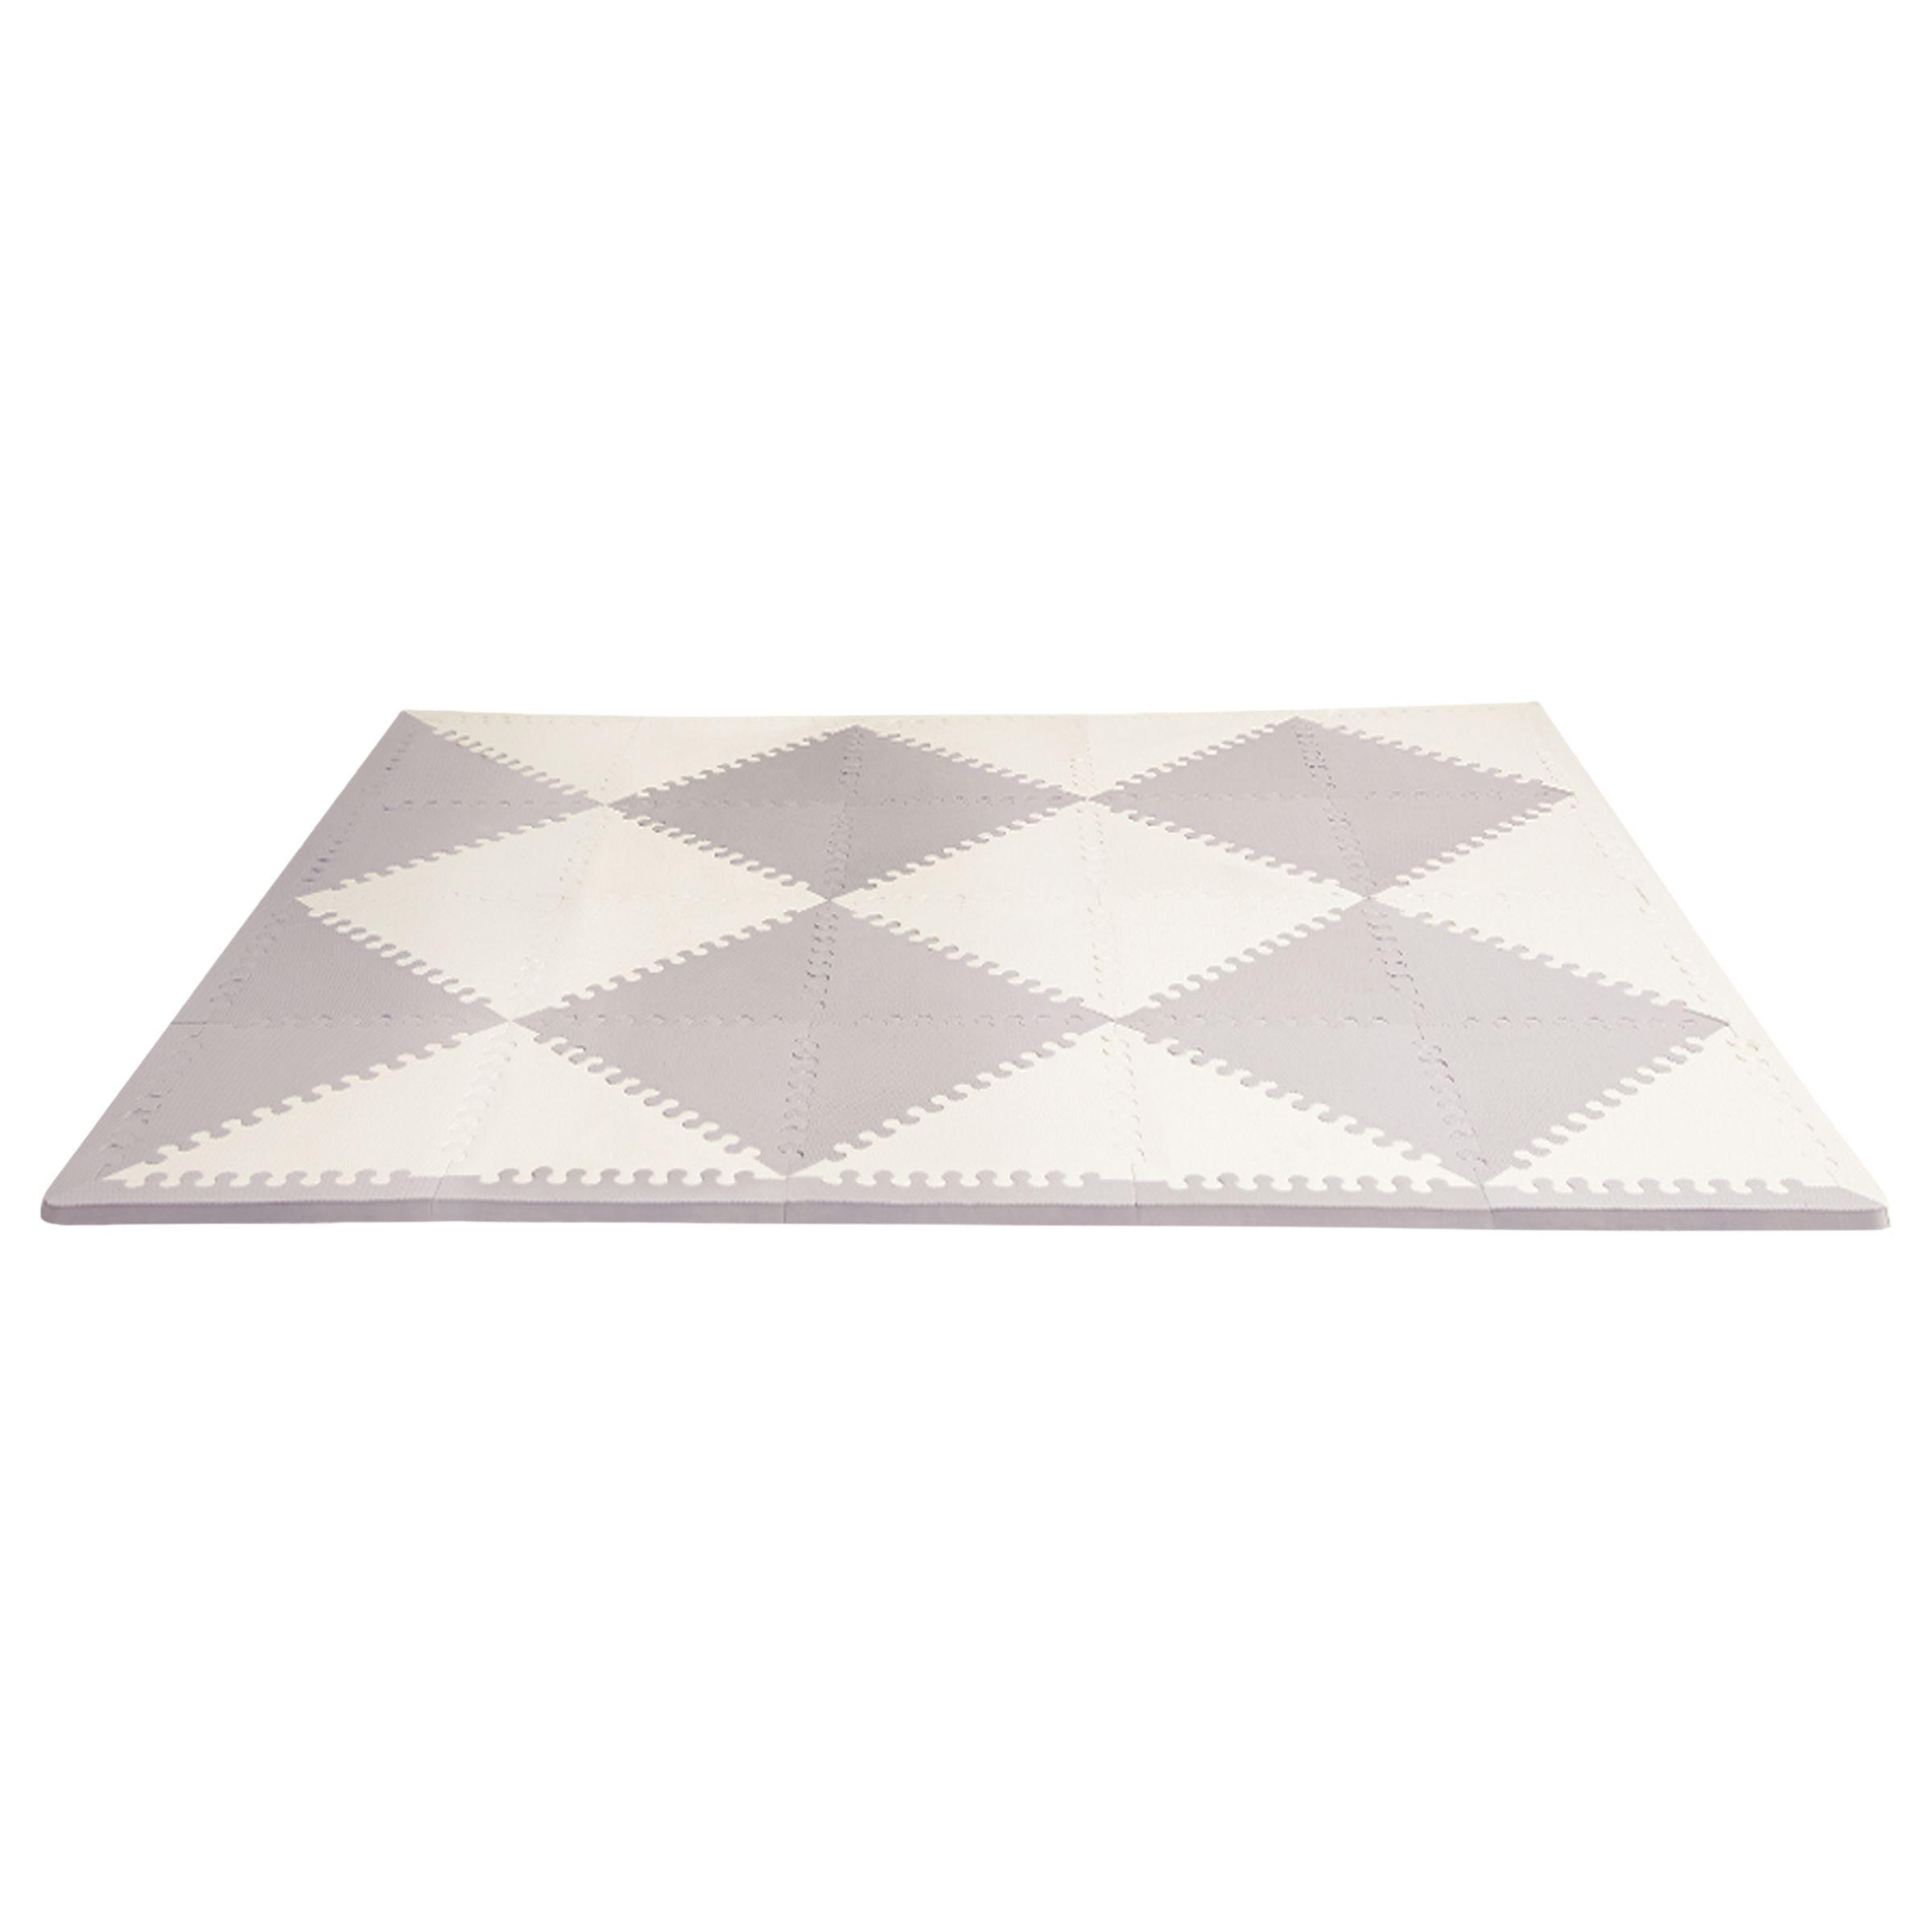 Skip Hop Skip Hop Playspot Foam Floor Tiles, Grey